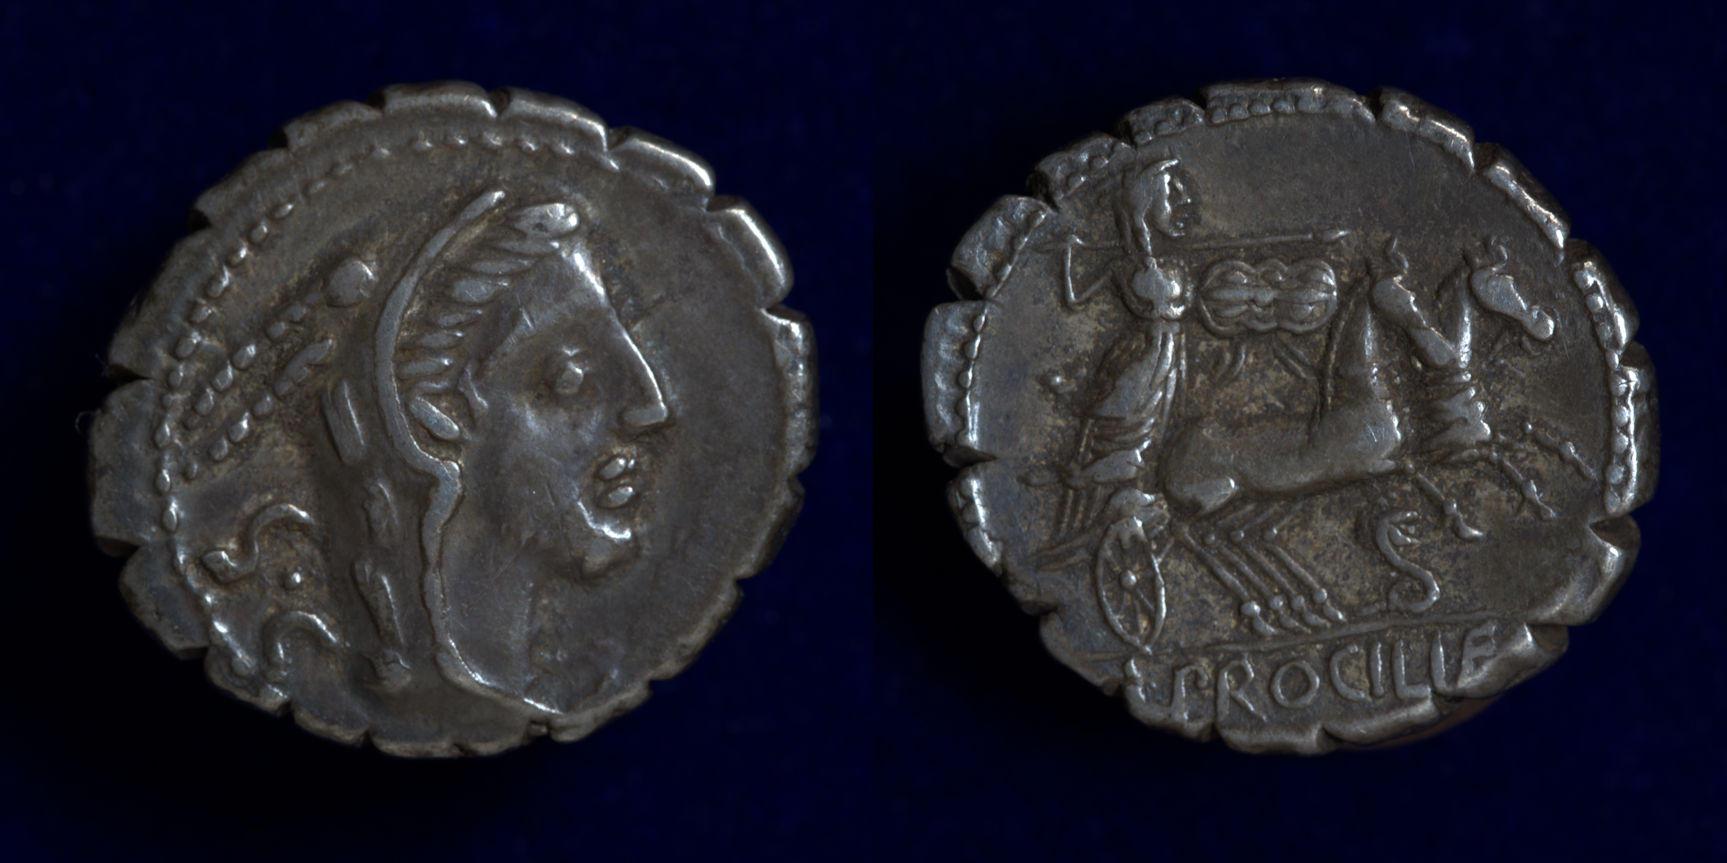 L. Procilius, 80 BC, C. 379/2